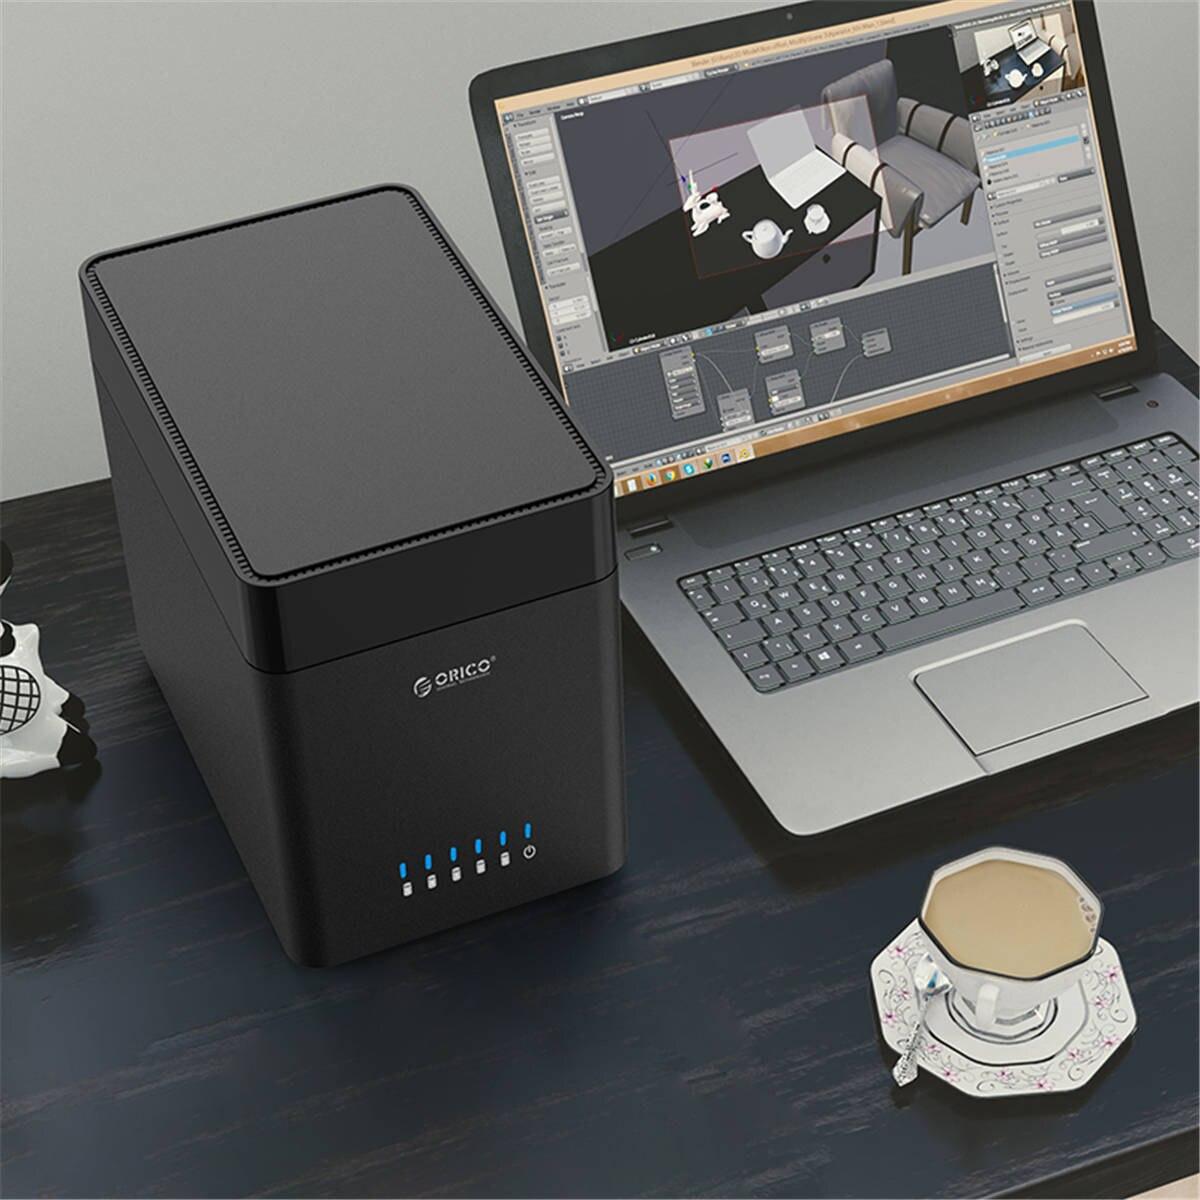 Boîtier de disque dur ORICO 5 baies de type magnétique 3.5 pouces USB3.0 à SATA3.0 3.5 en boîtier HDD Support UASP 12V6. 5A puissance MAX 50 to - 2